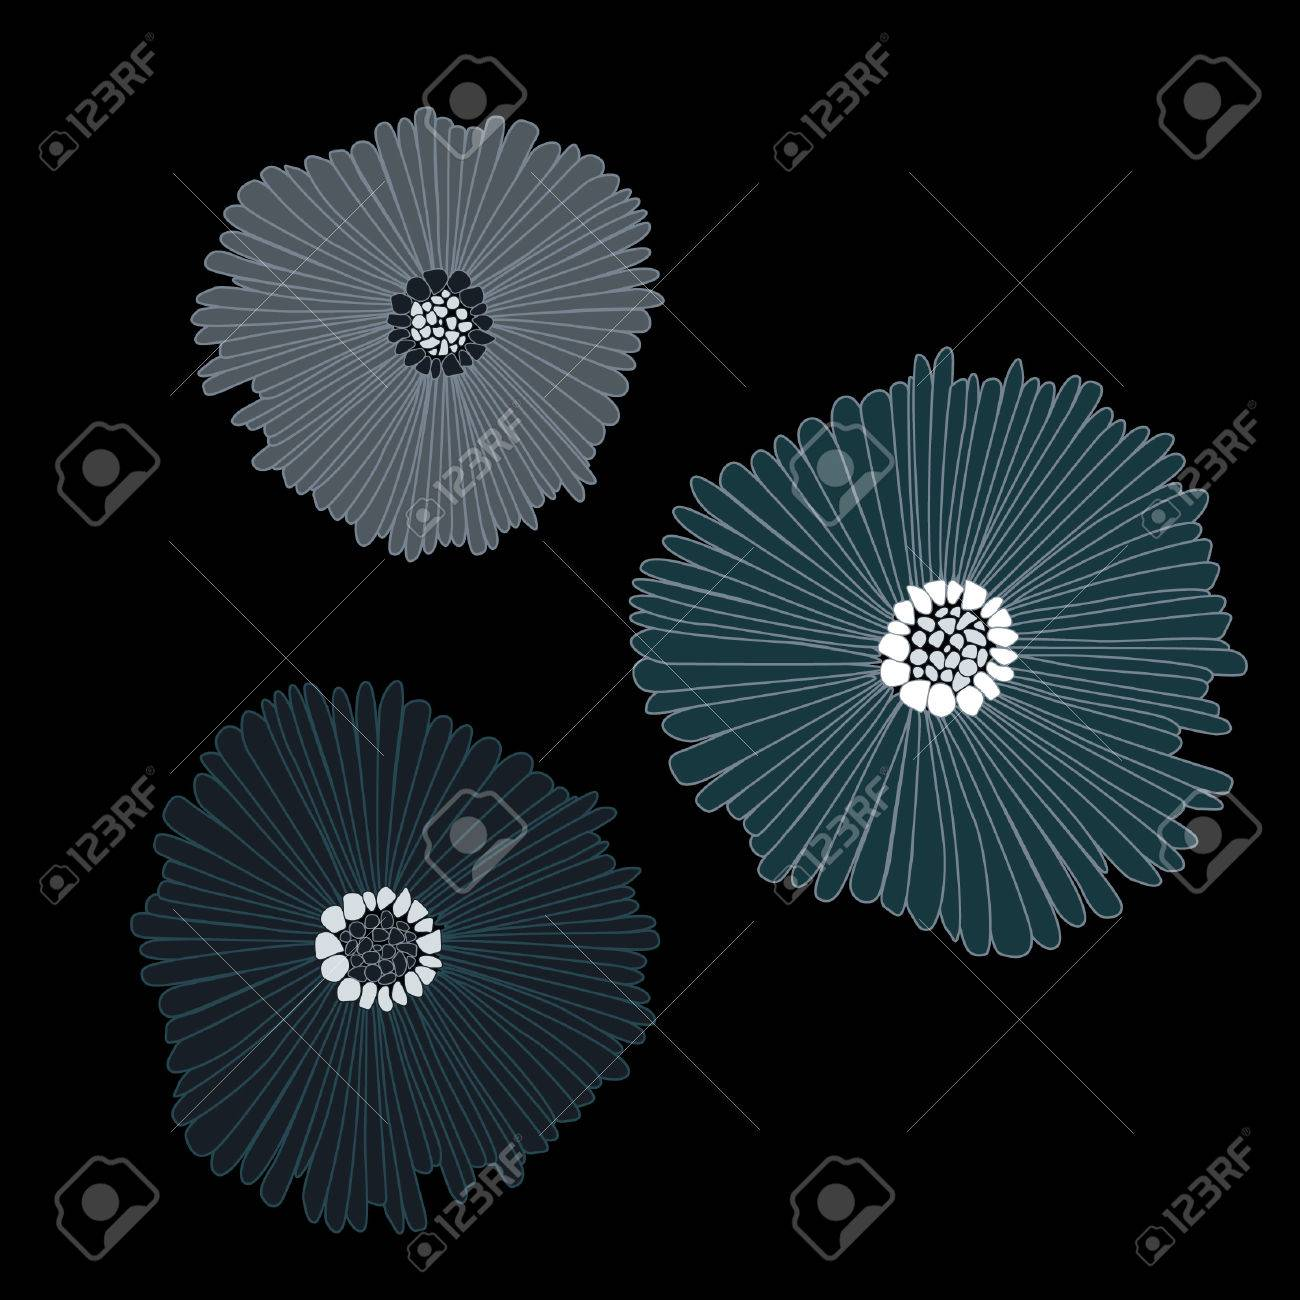 Big Dark Flowers Stock Vector - 5820253